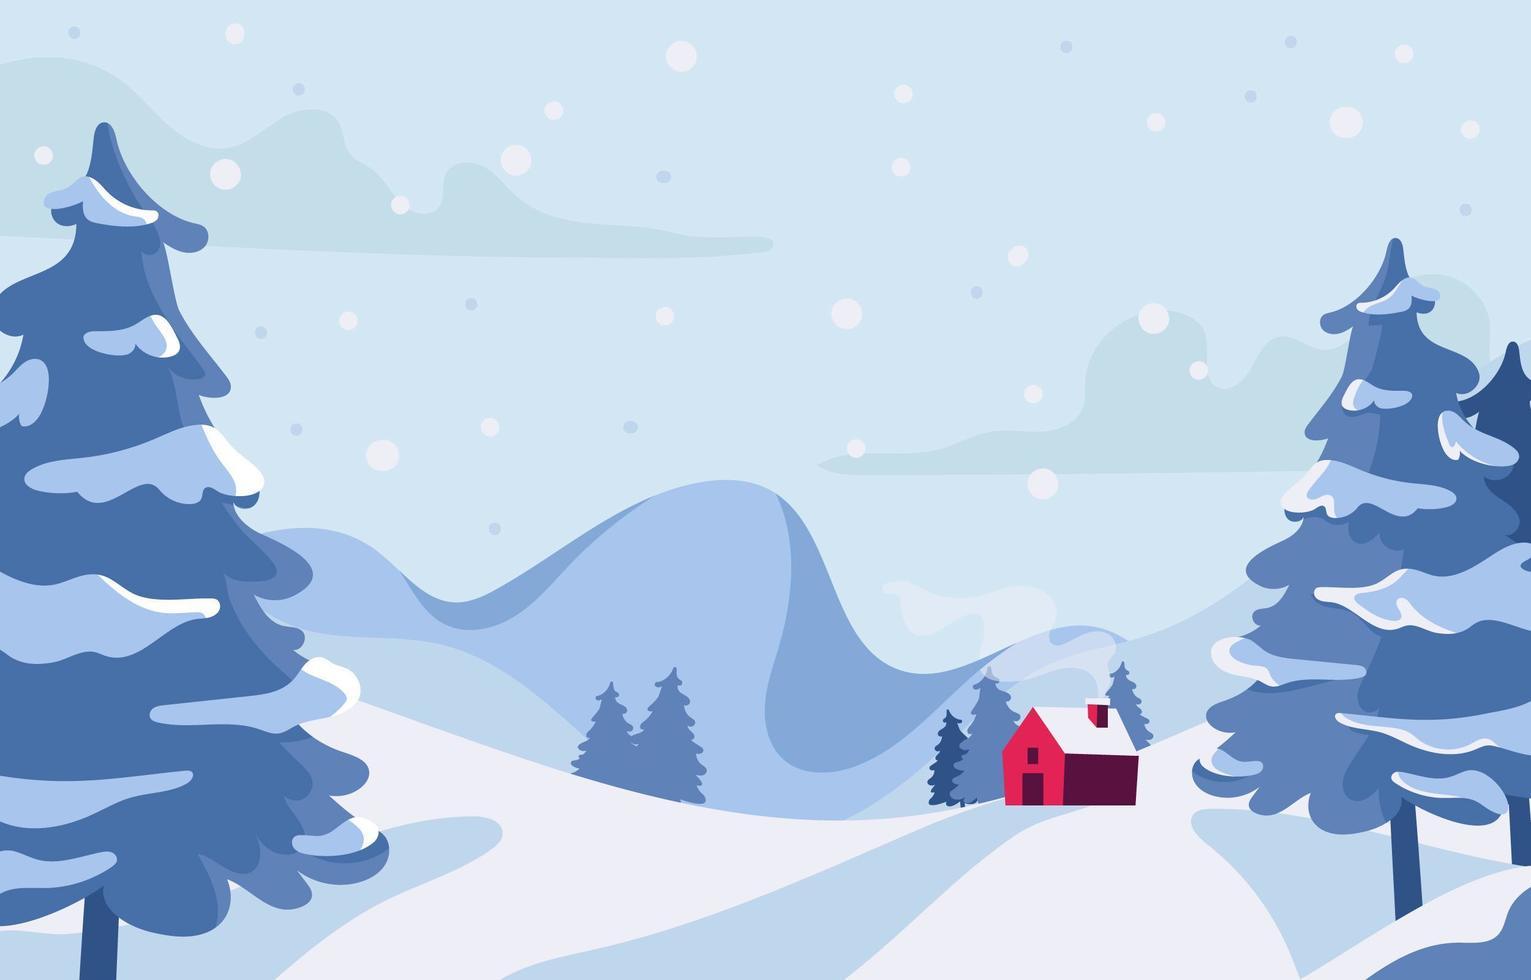 bellissimo paesaggio invernale con casa rossa vettore